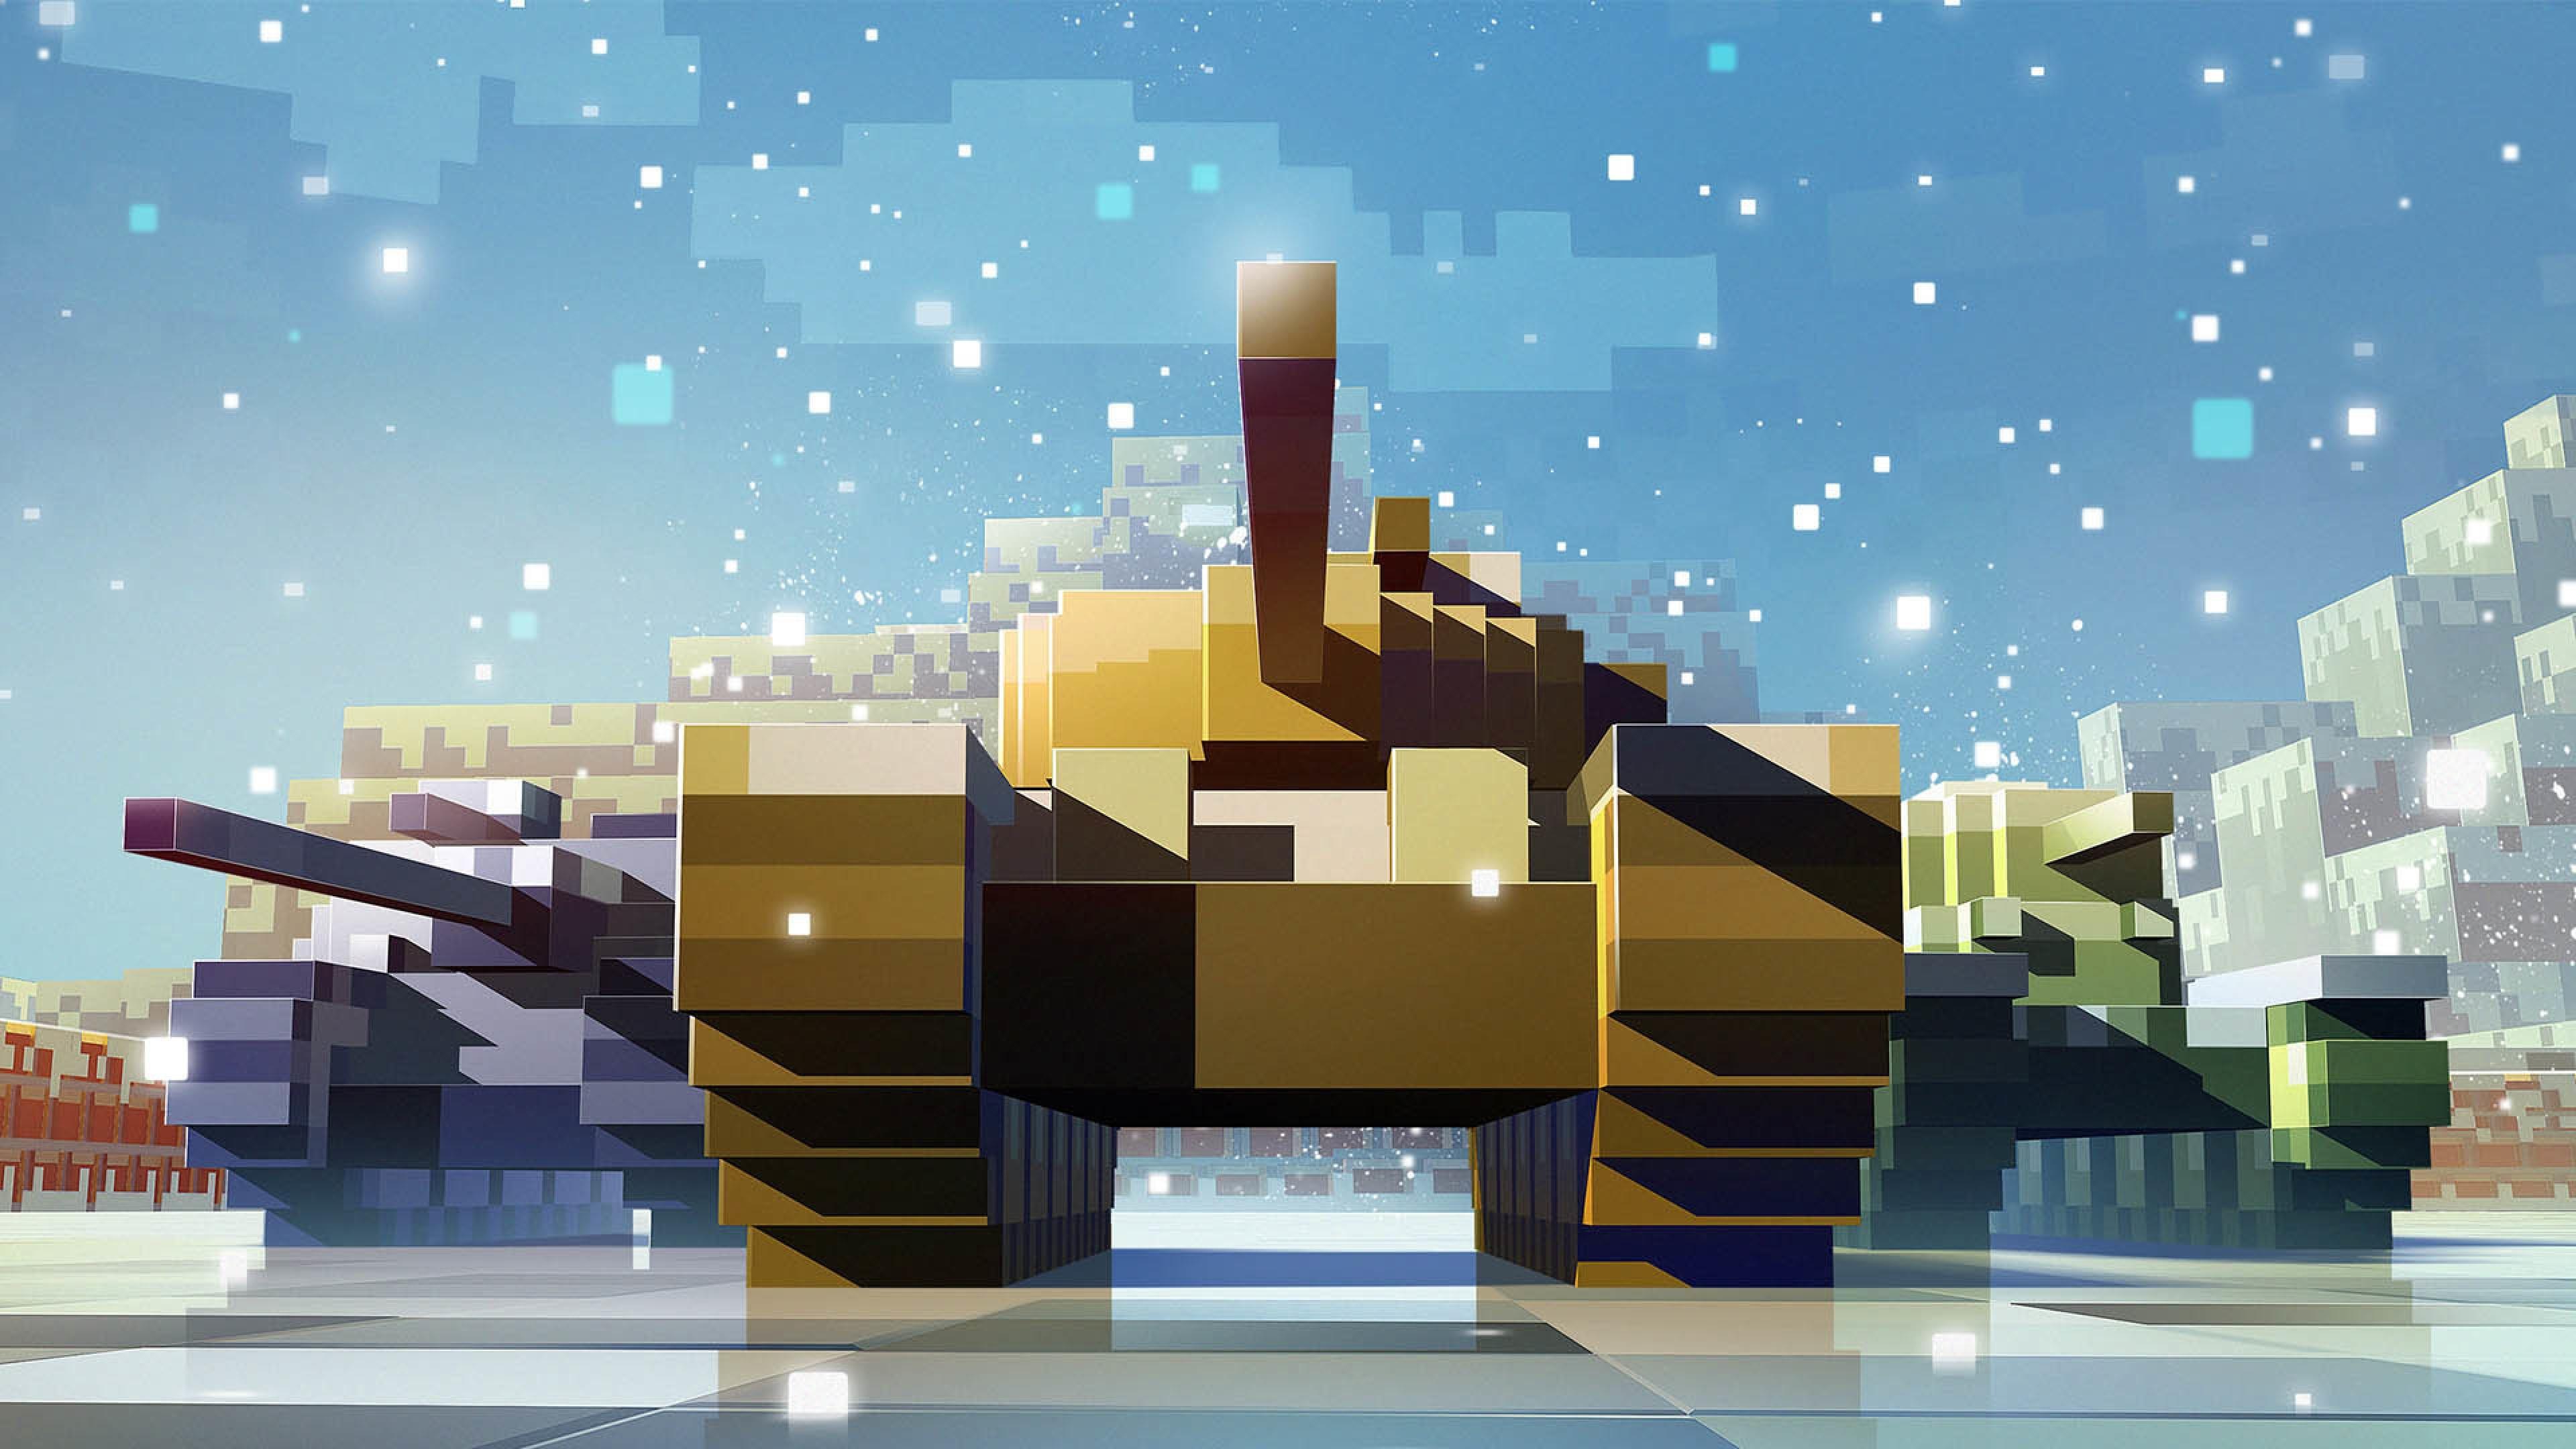 world-of-tanks-pixels.jpg